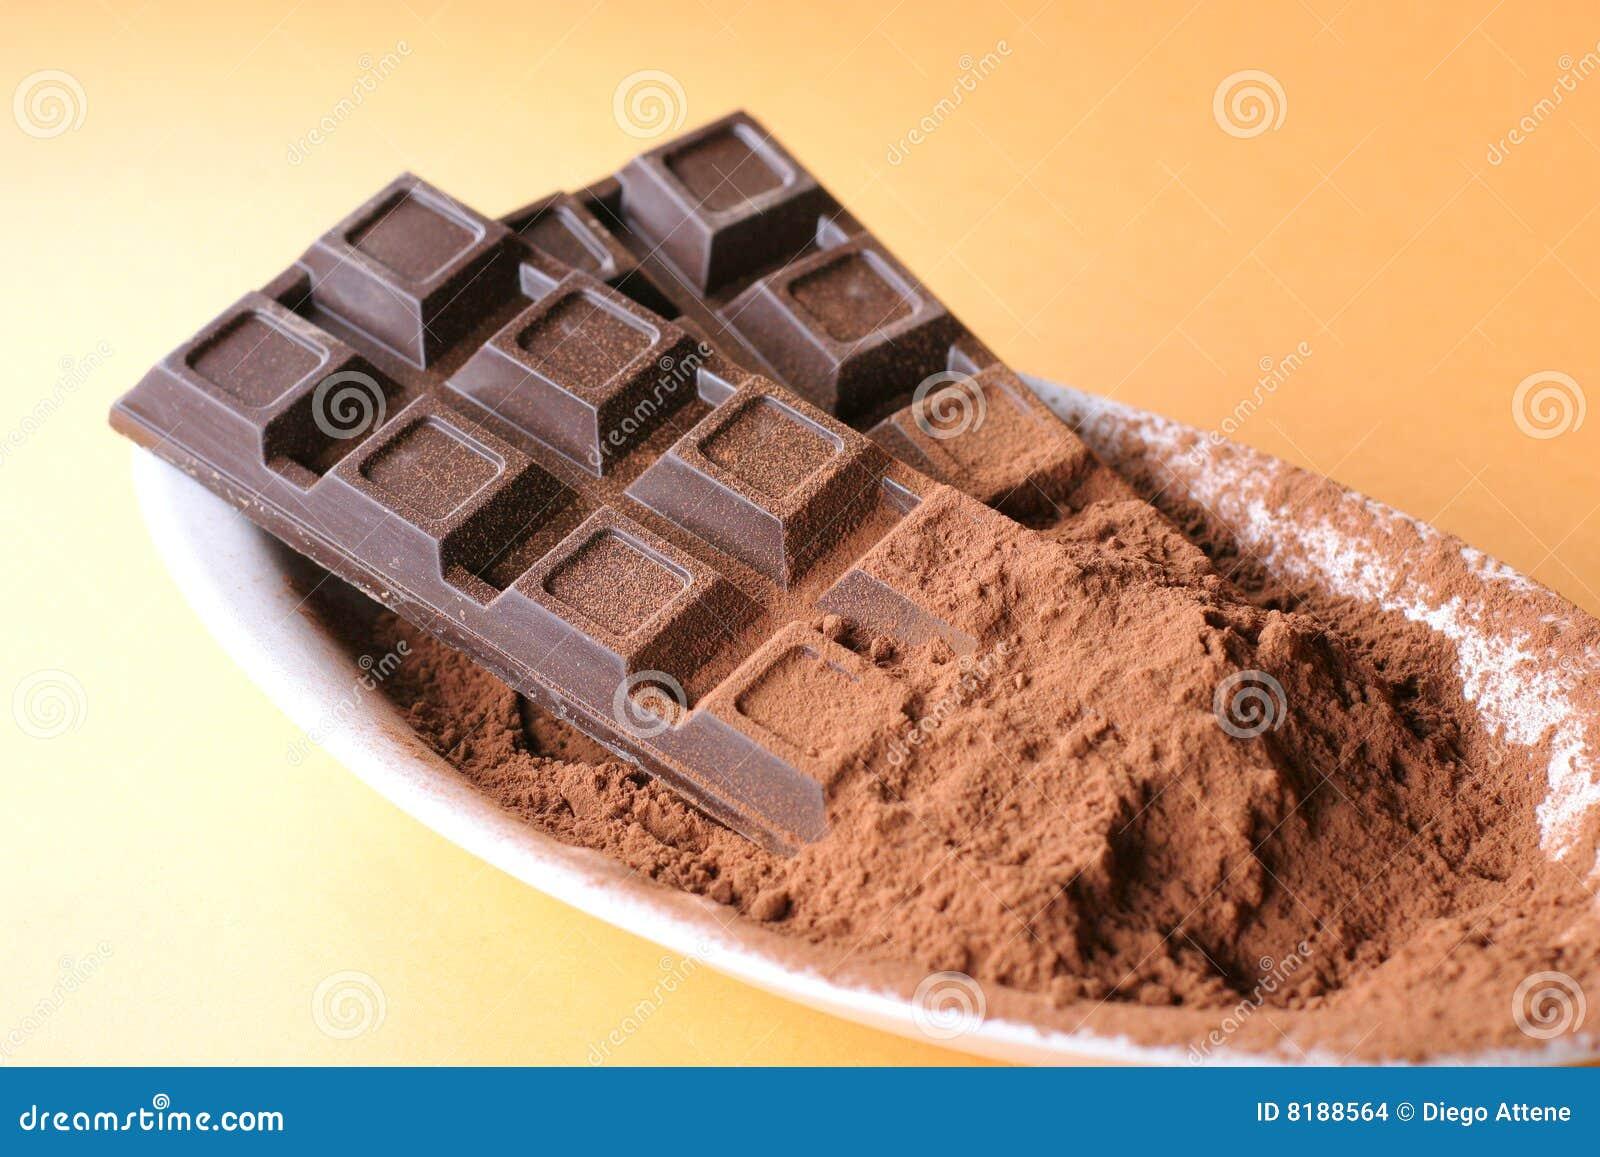 Schokoriegel mit Kakao